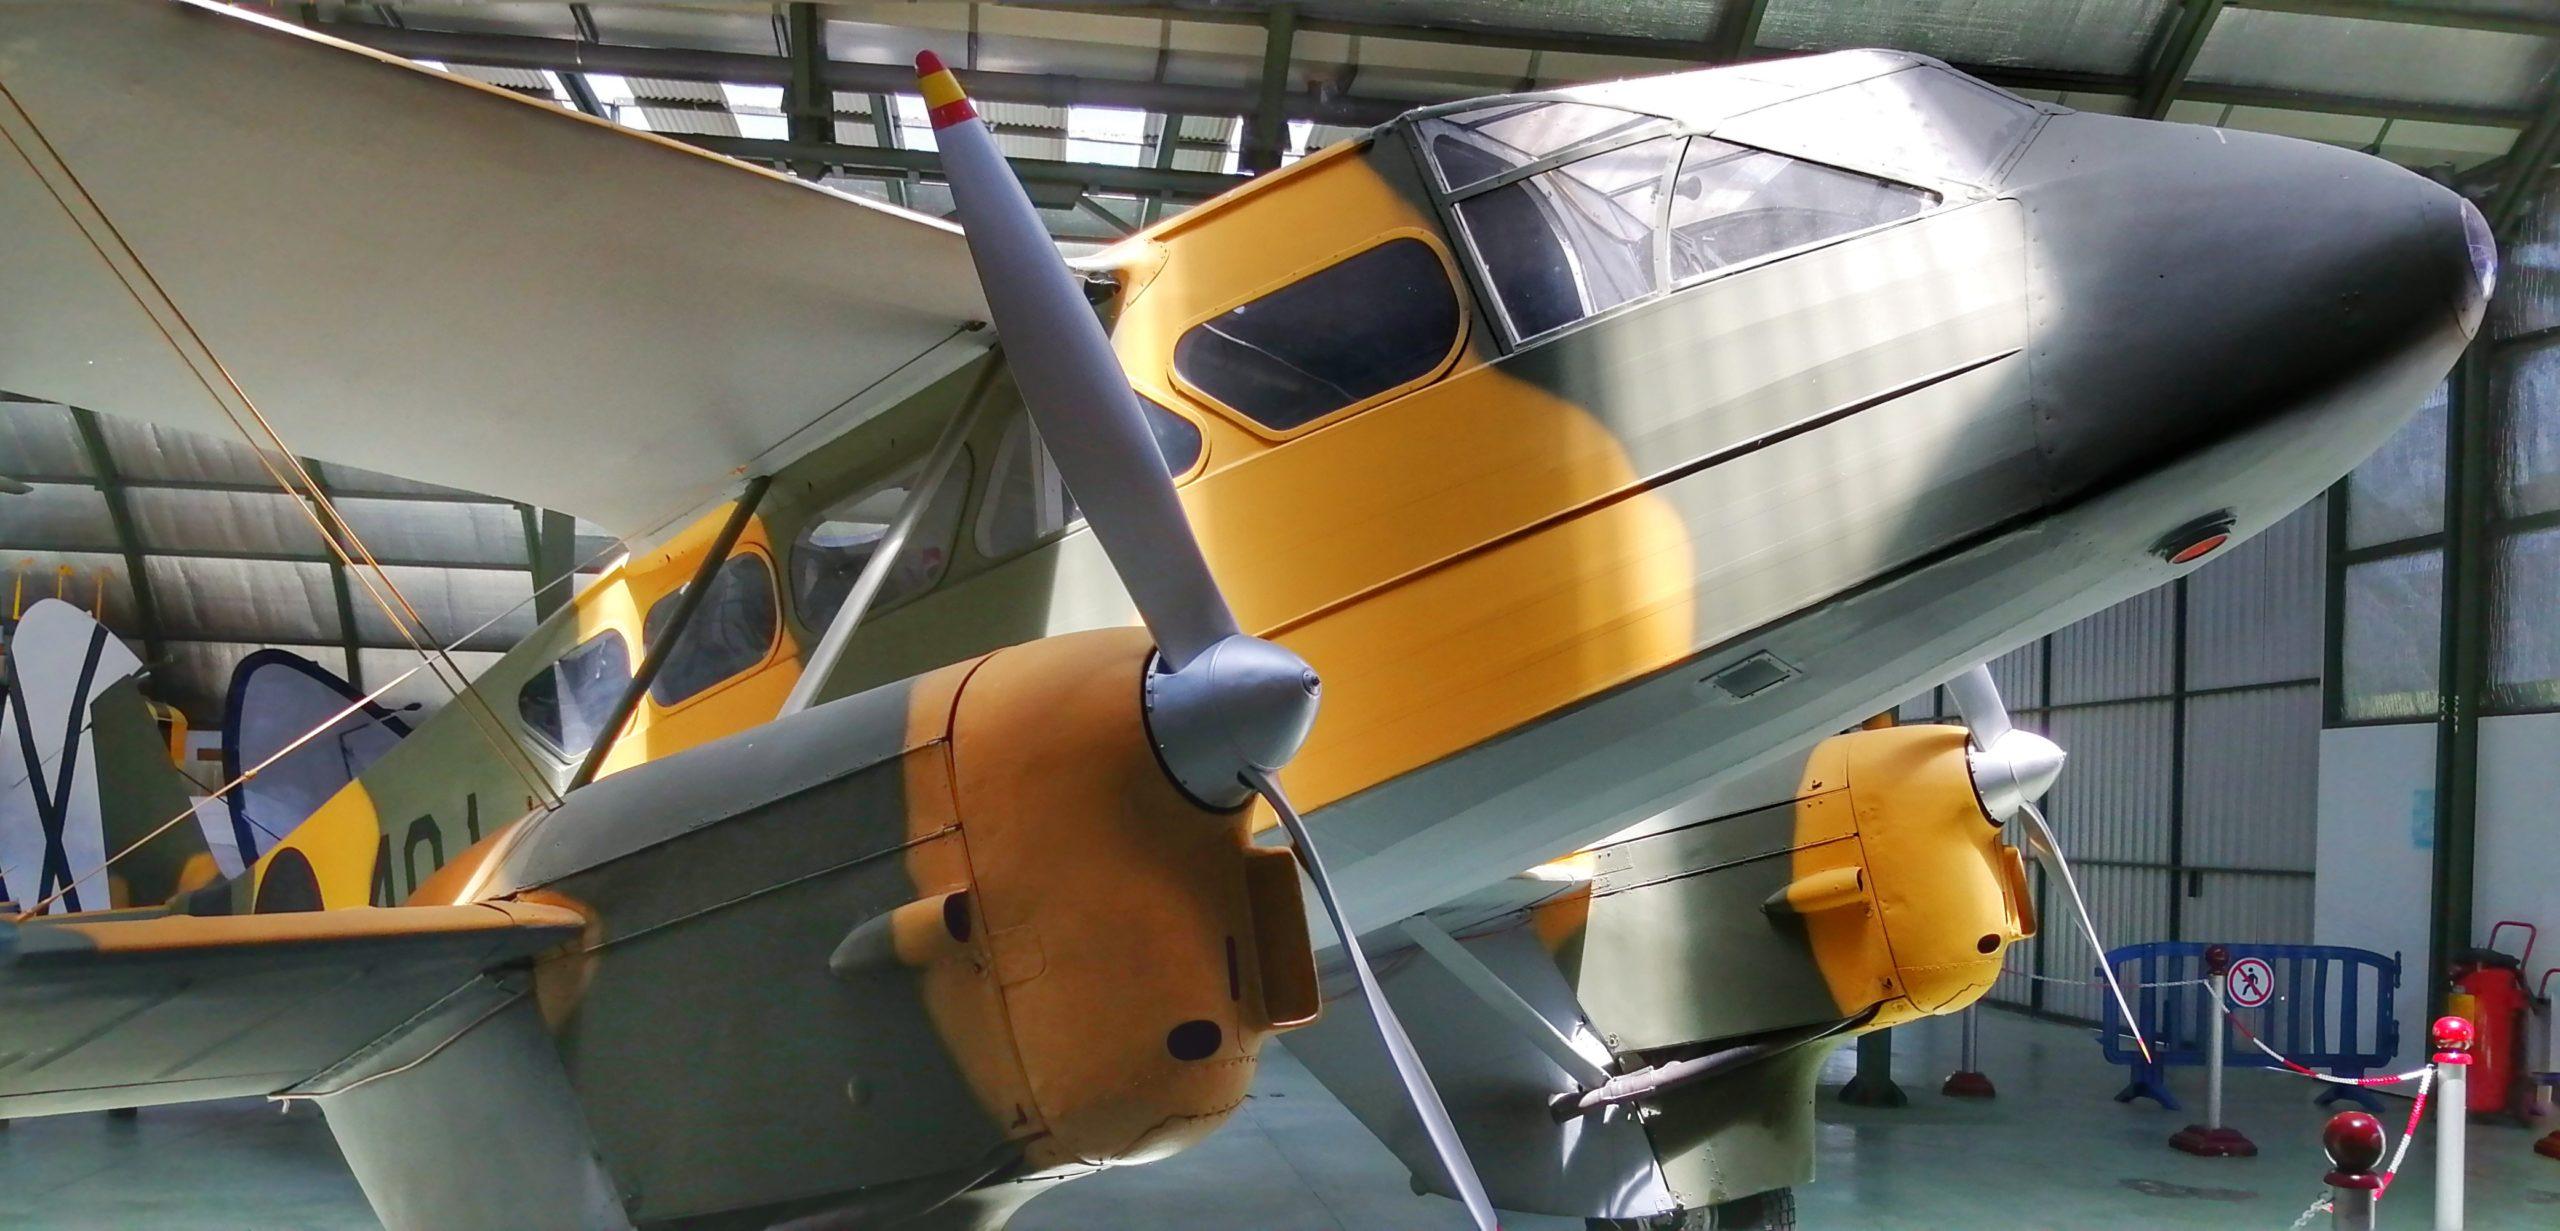 DE Haviland DH-89.